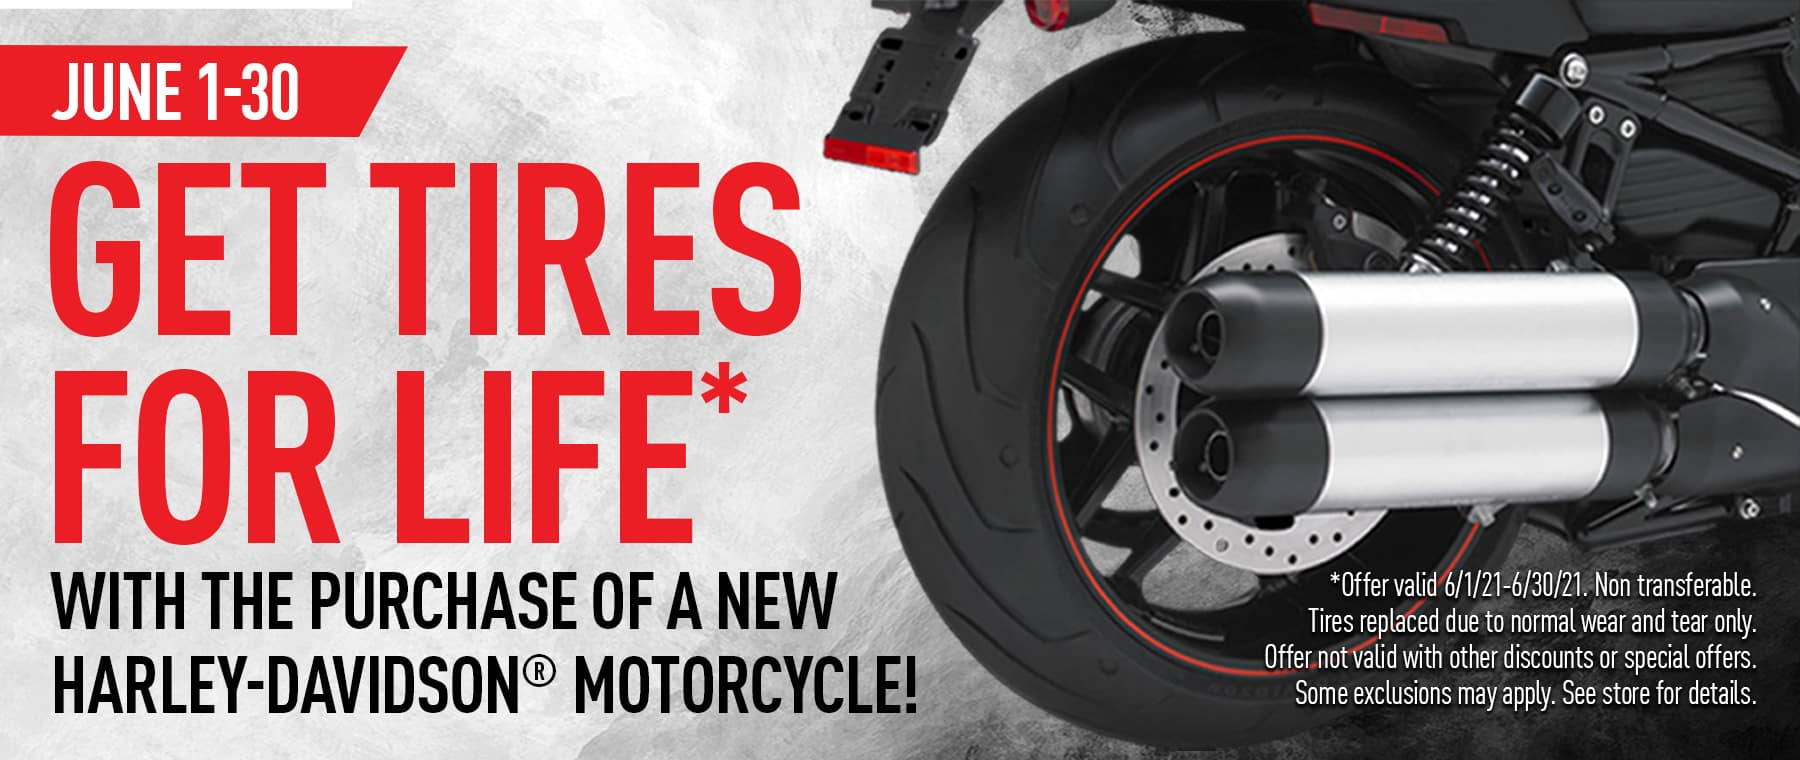 1061325_HDL Tires for life_Desktop_051121